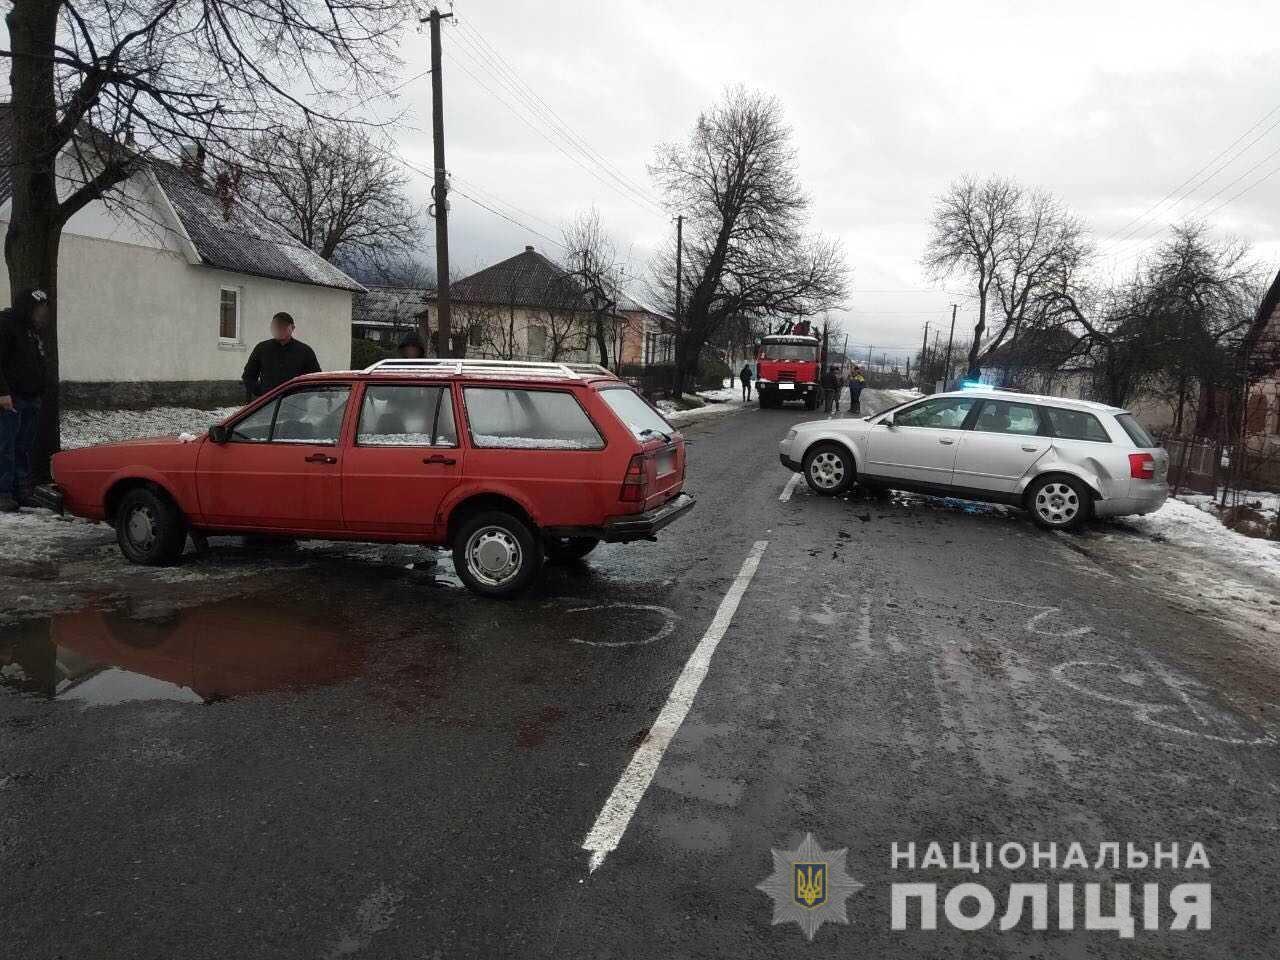 Хмільна ДТП на Закарпатті: на дорозі не розминулися два автомобілі – Volkswagen Pаssаt і Аudі